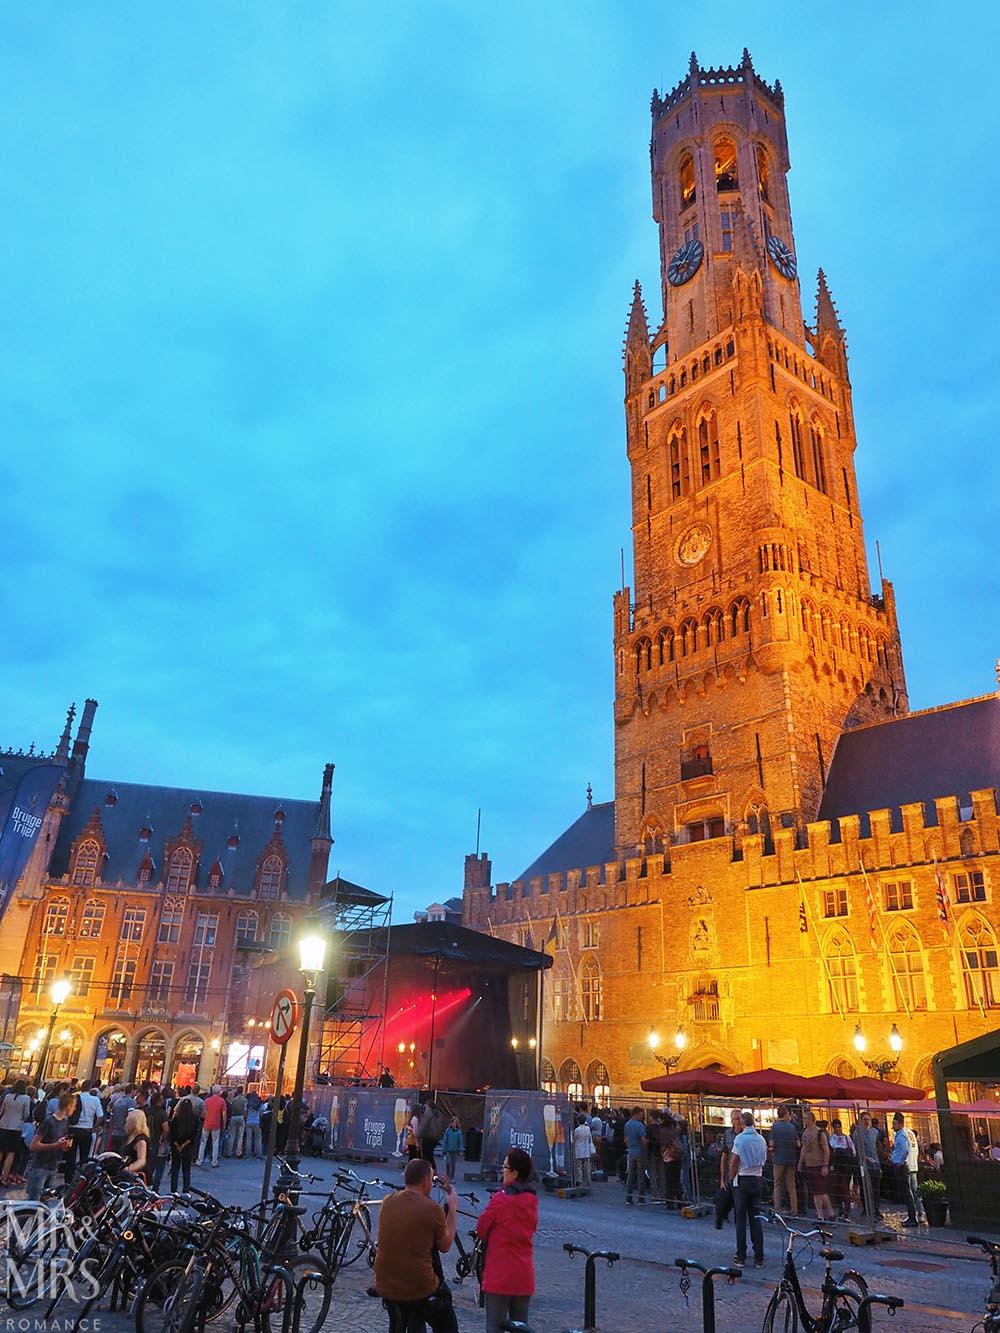 Bruges, Belgium - Markt Square concert